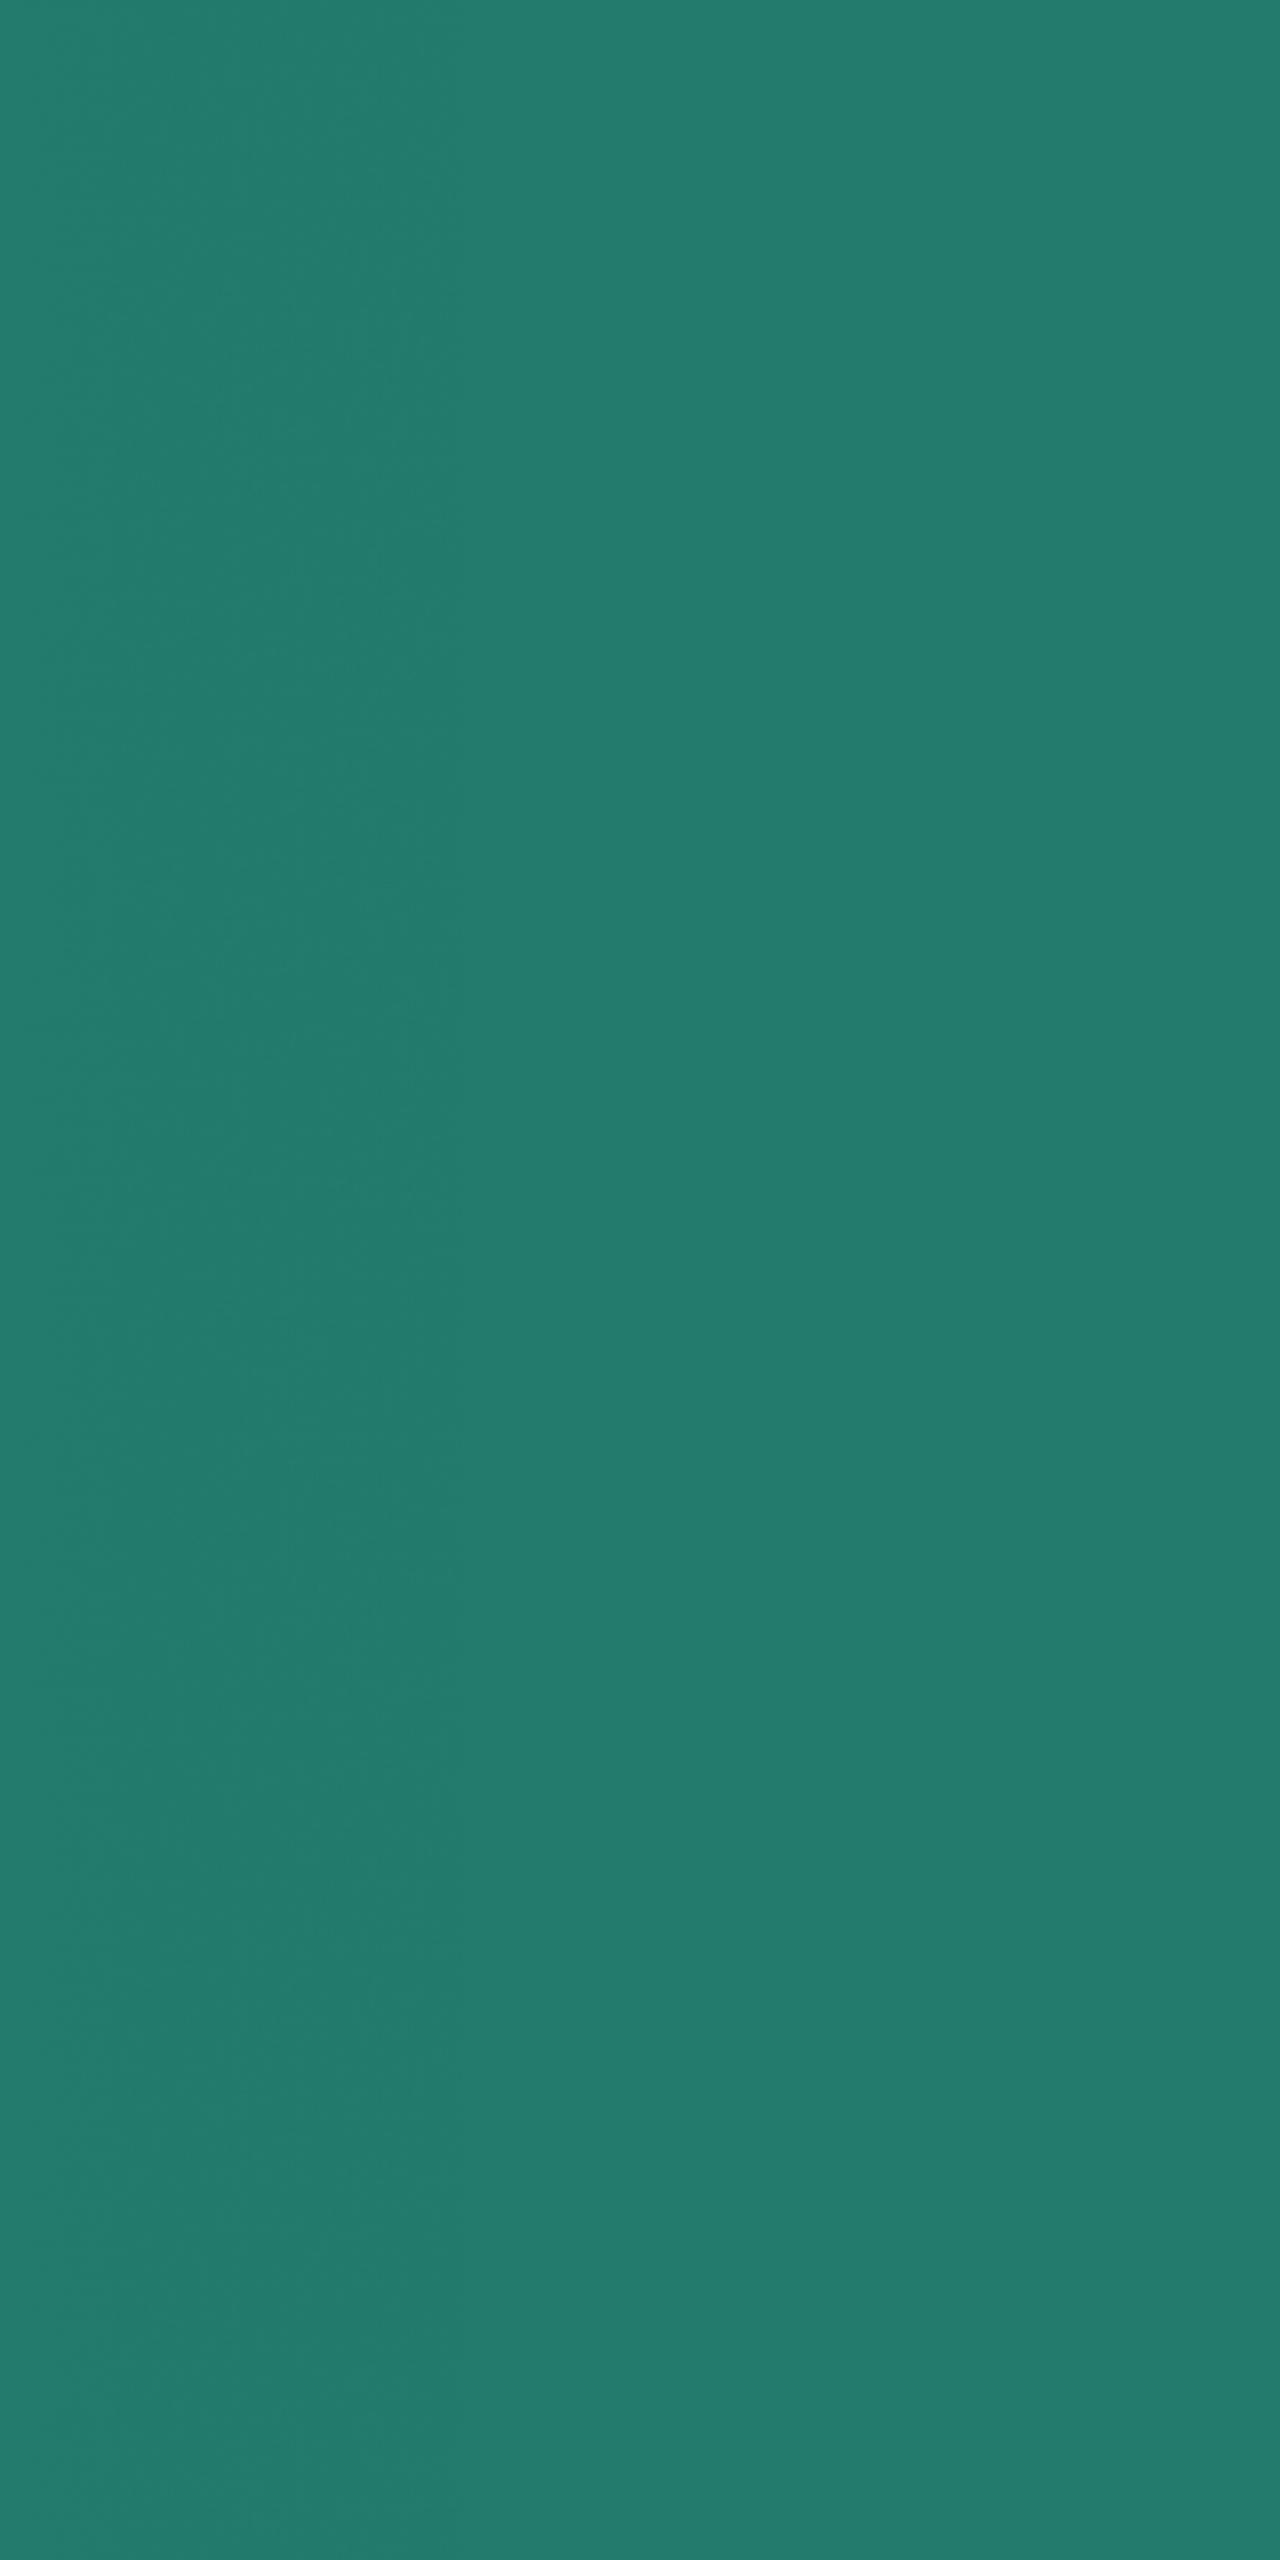 Buildtech 2.0 Bold Colors Teal Matte 6mm 120 x 240